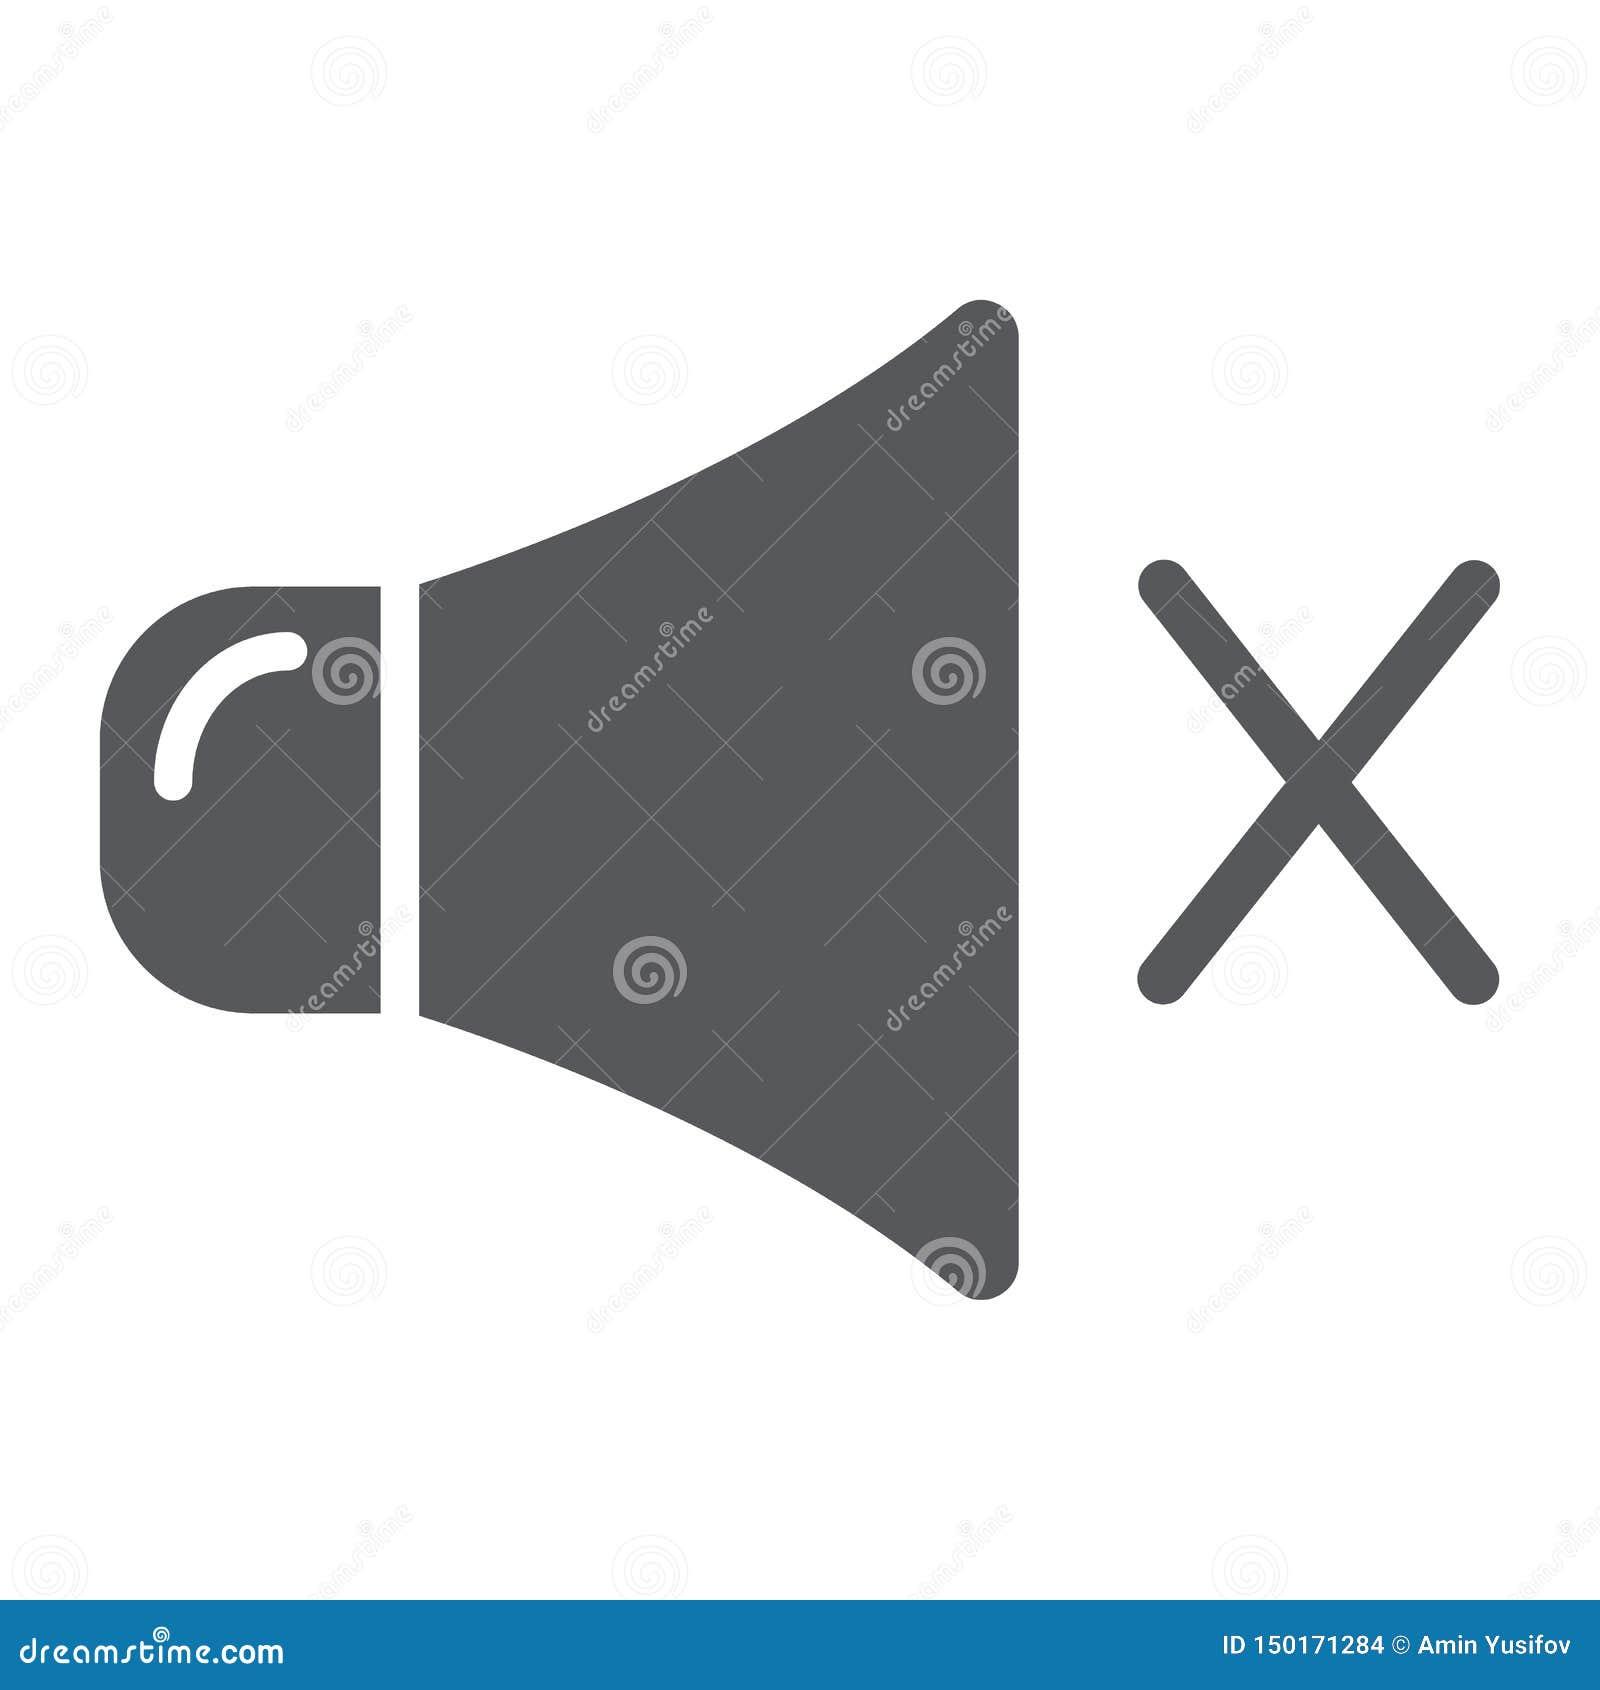 Ljudlös symbol, musik och högt för skåra, inget solitt tecken, vektordiagram, en fast modell på en vit bakgrund